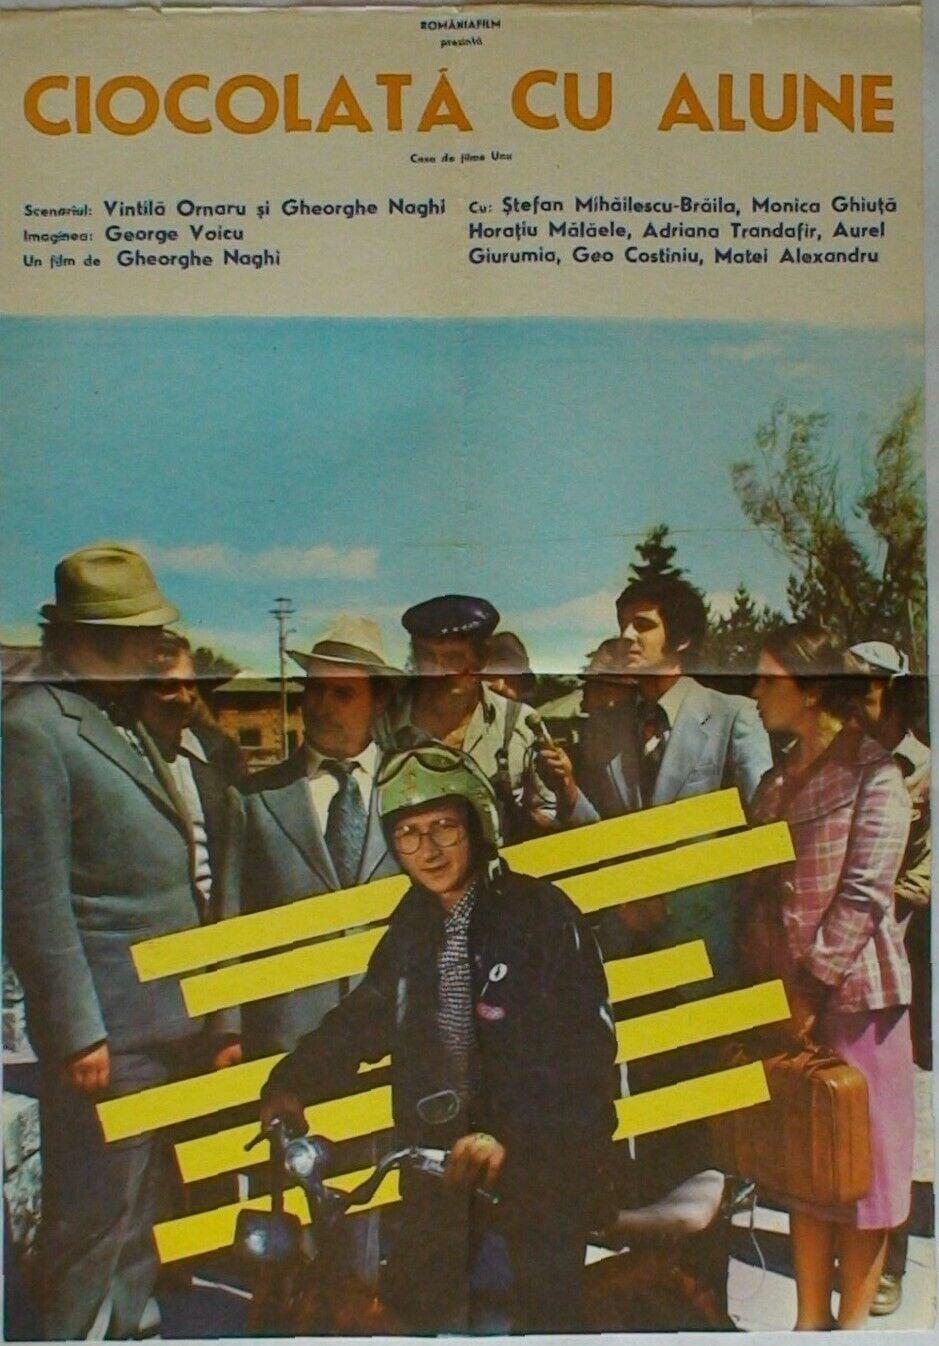 Ciocolata cu alune (1979)